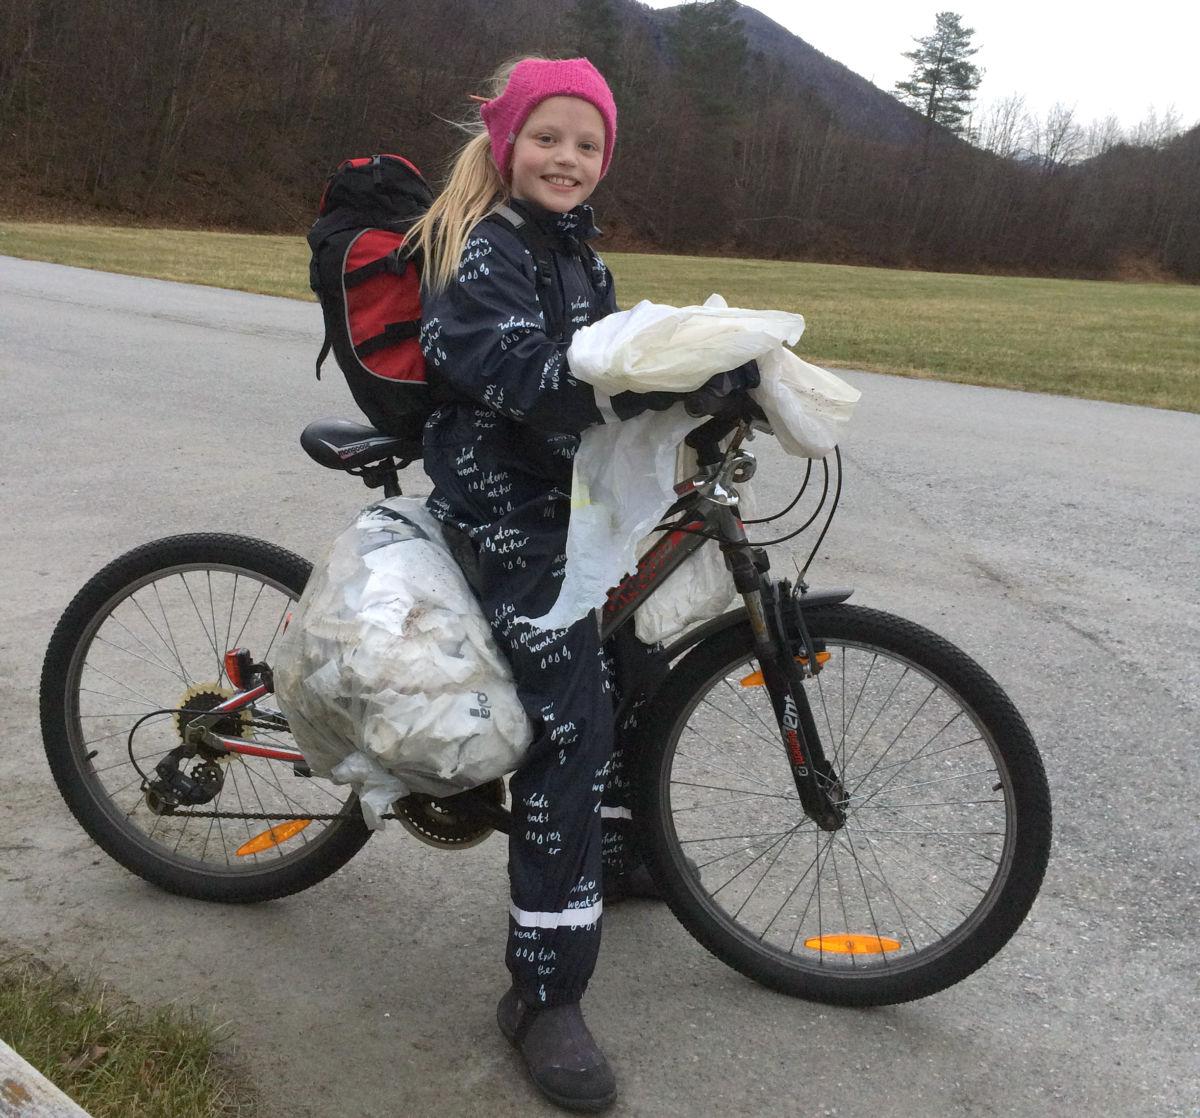 maria samla i hop plasten som lag og slong - så bar det rett i søppelkassen på skulen med det!  Foto: Line K.